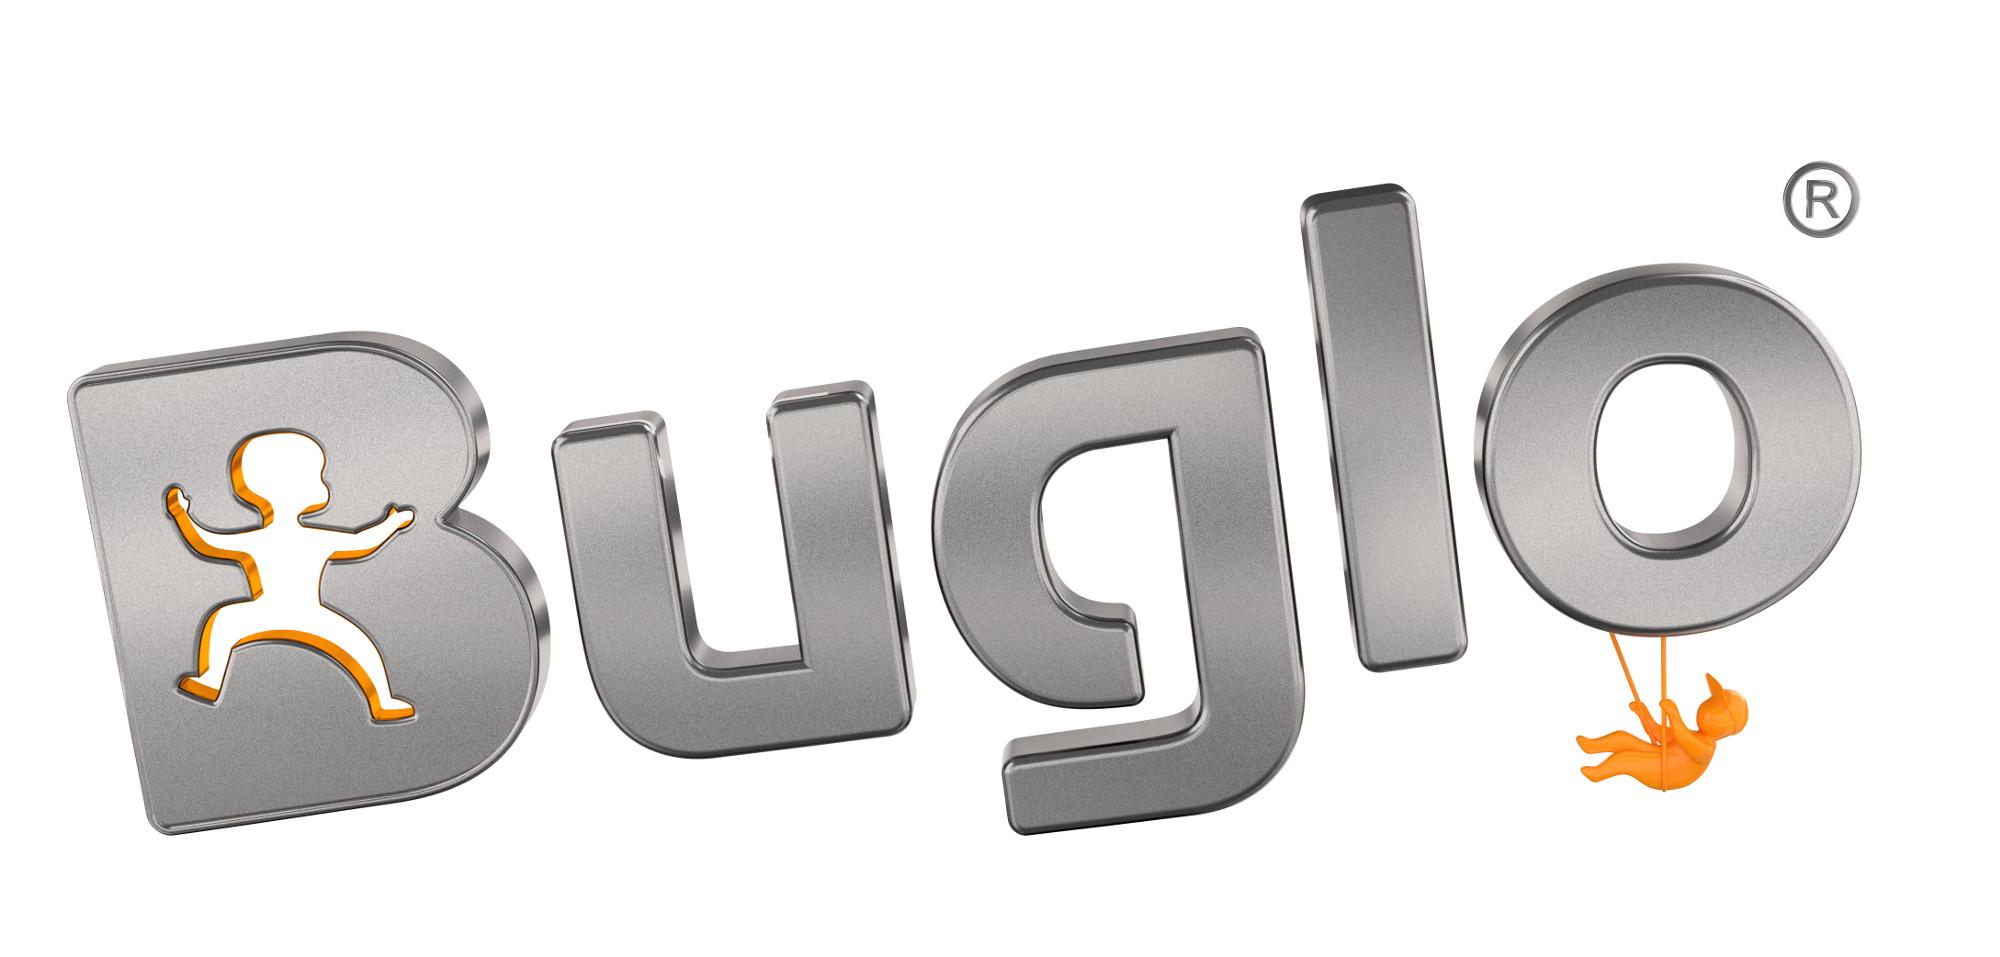 Buglo logo